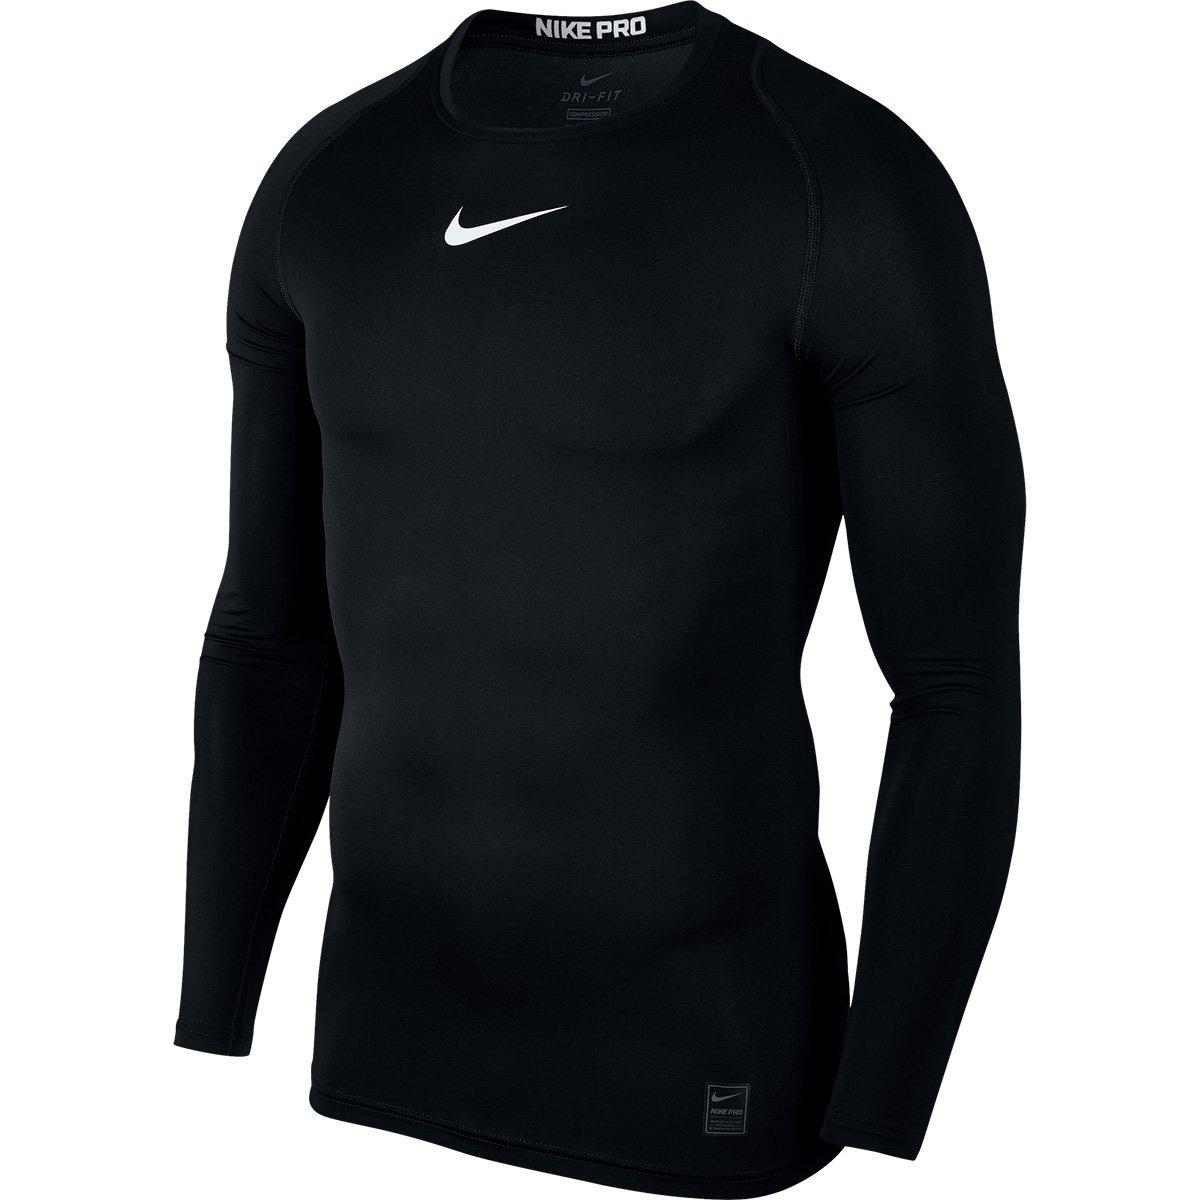 91aeb02bc6810 Camiseta Compressão Nike Pro Manga Longa Masculina - Preto e Branco -  Compre Agora